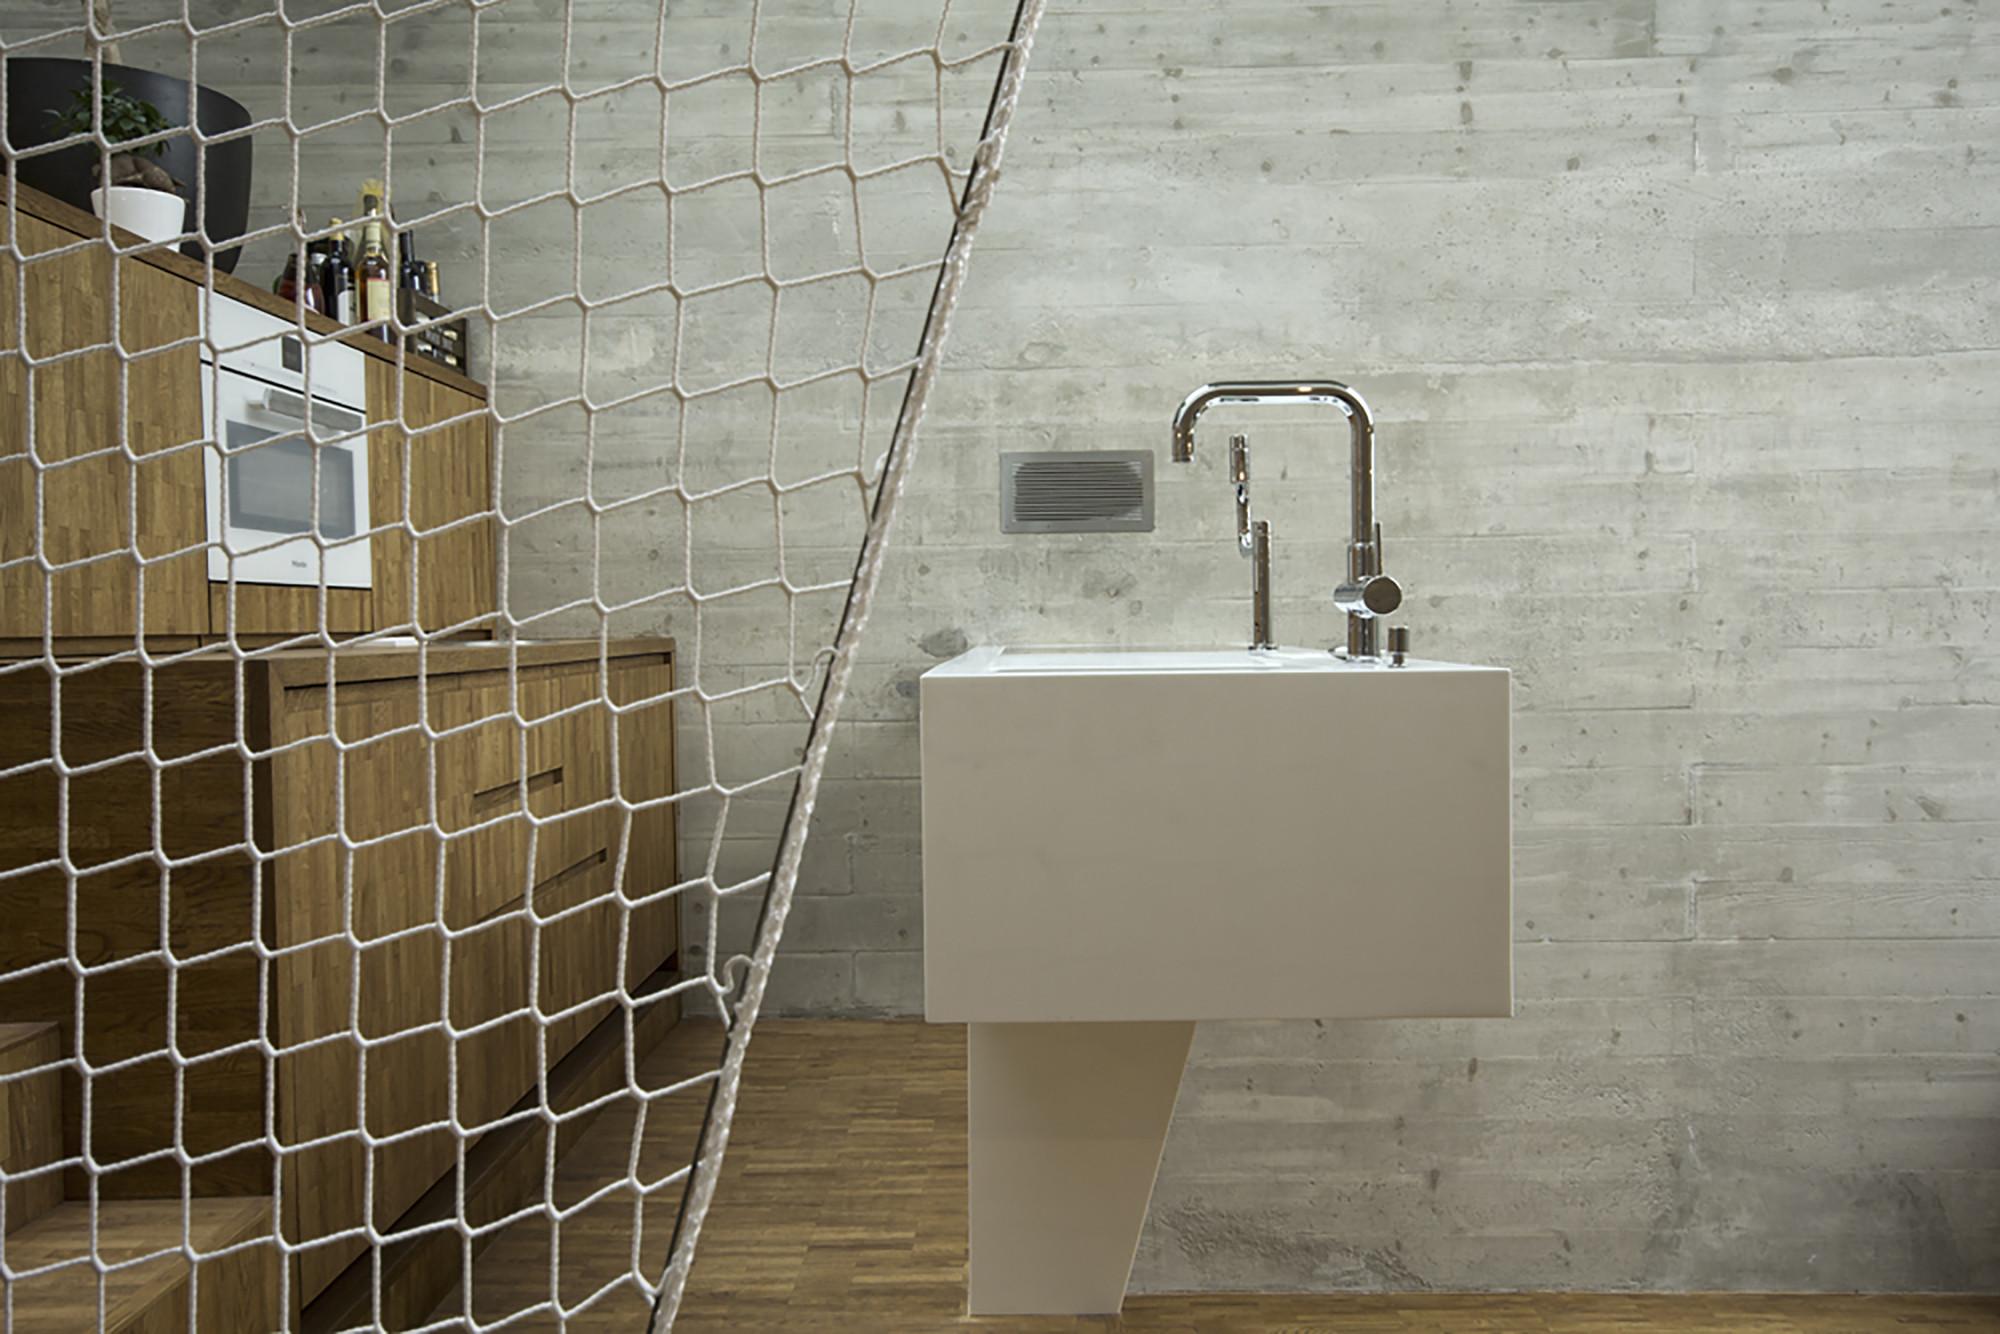 Wohnhaus CJ5 in Wien | Bad und Sanitär | Wohnen | Baunetz_Wissen